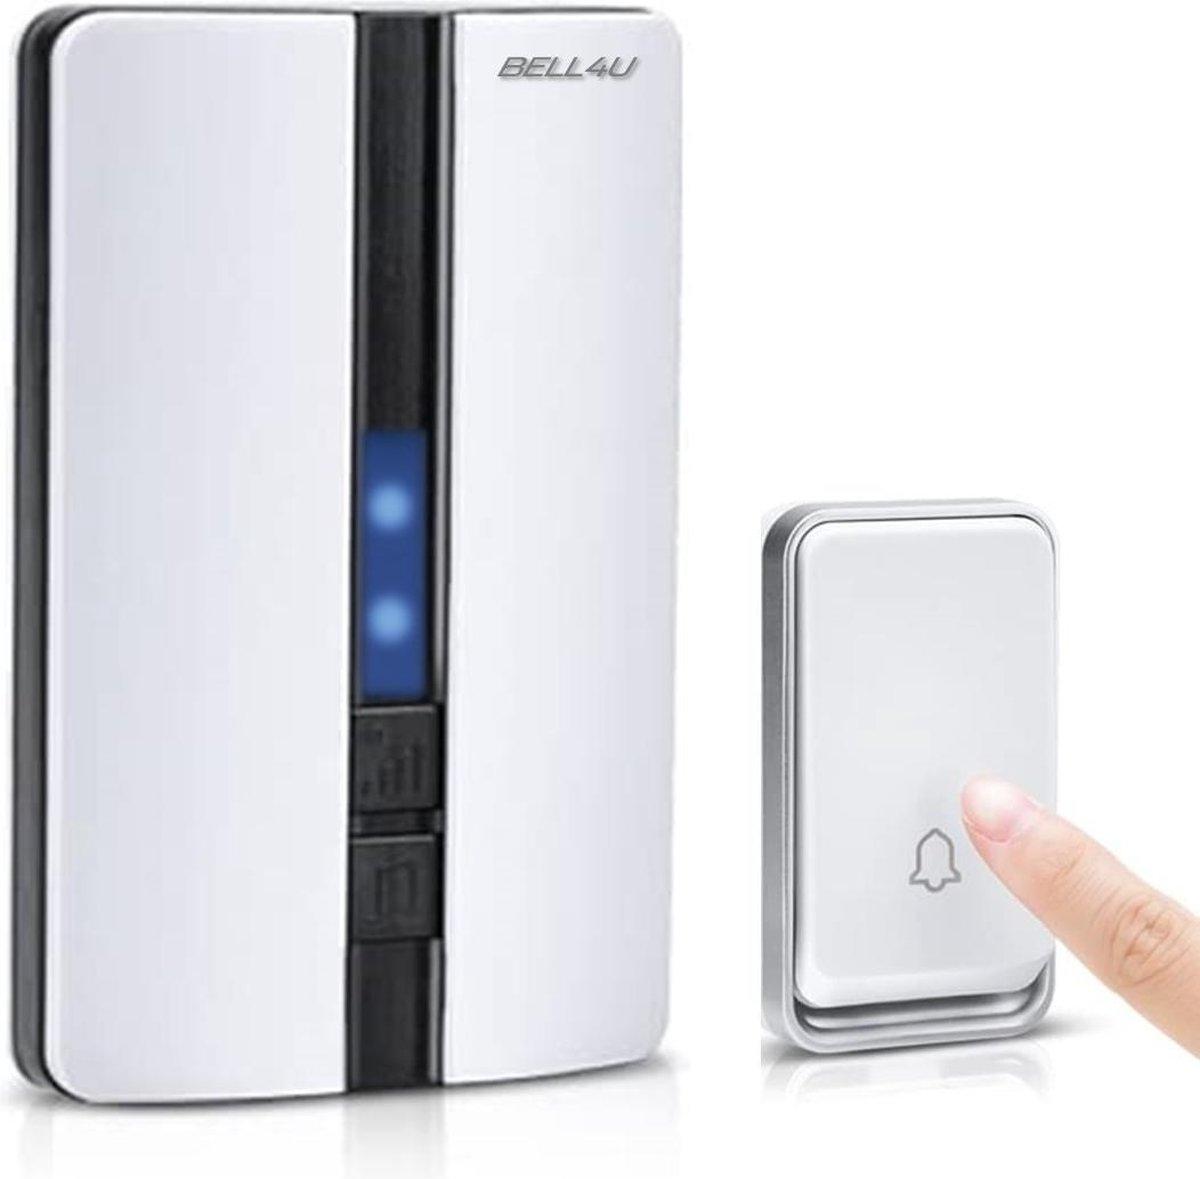 Bell4U Luxe draadloze deurbel, waarbij batterijen niet nodig zijn - plug & play - wit